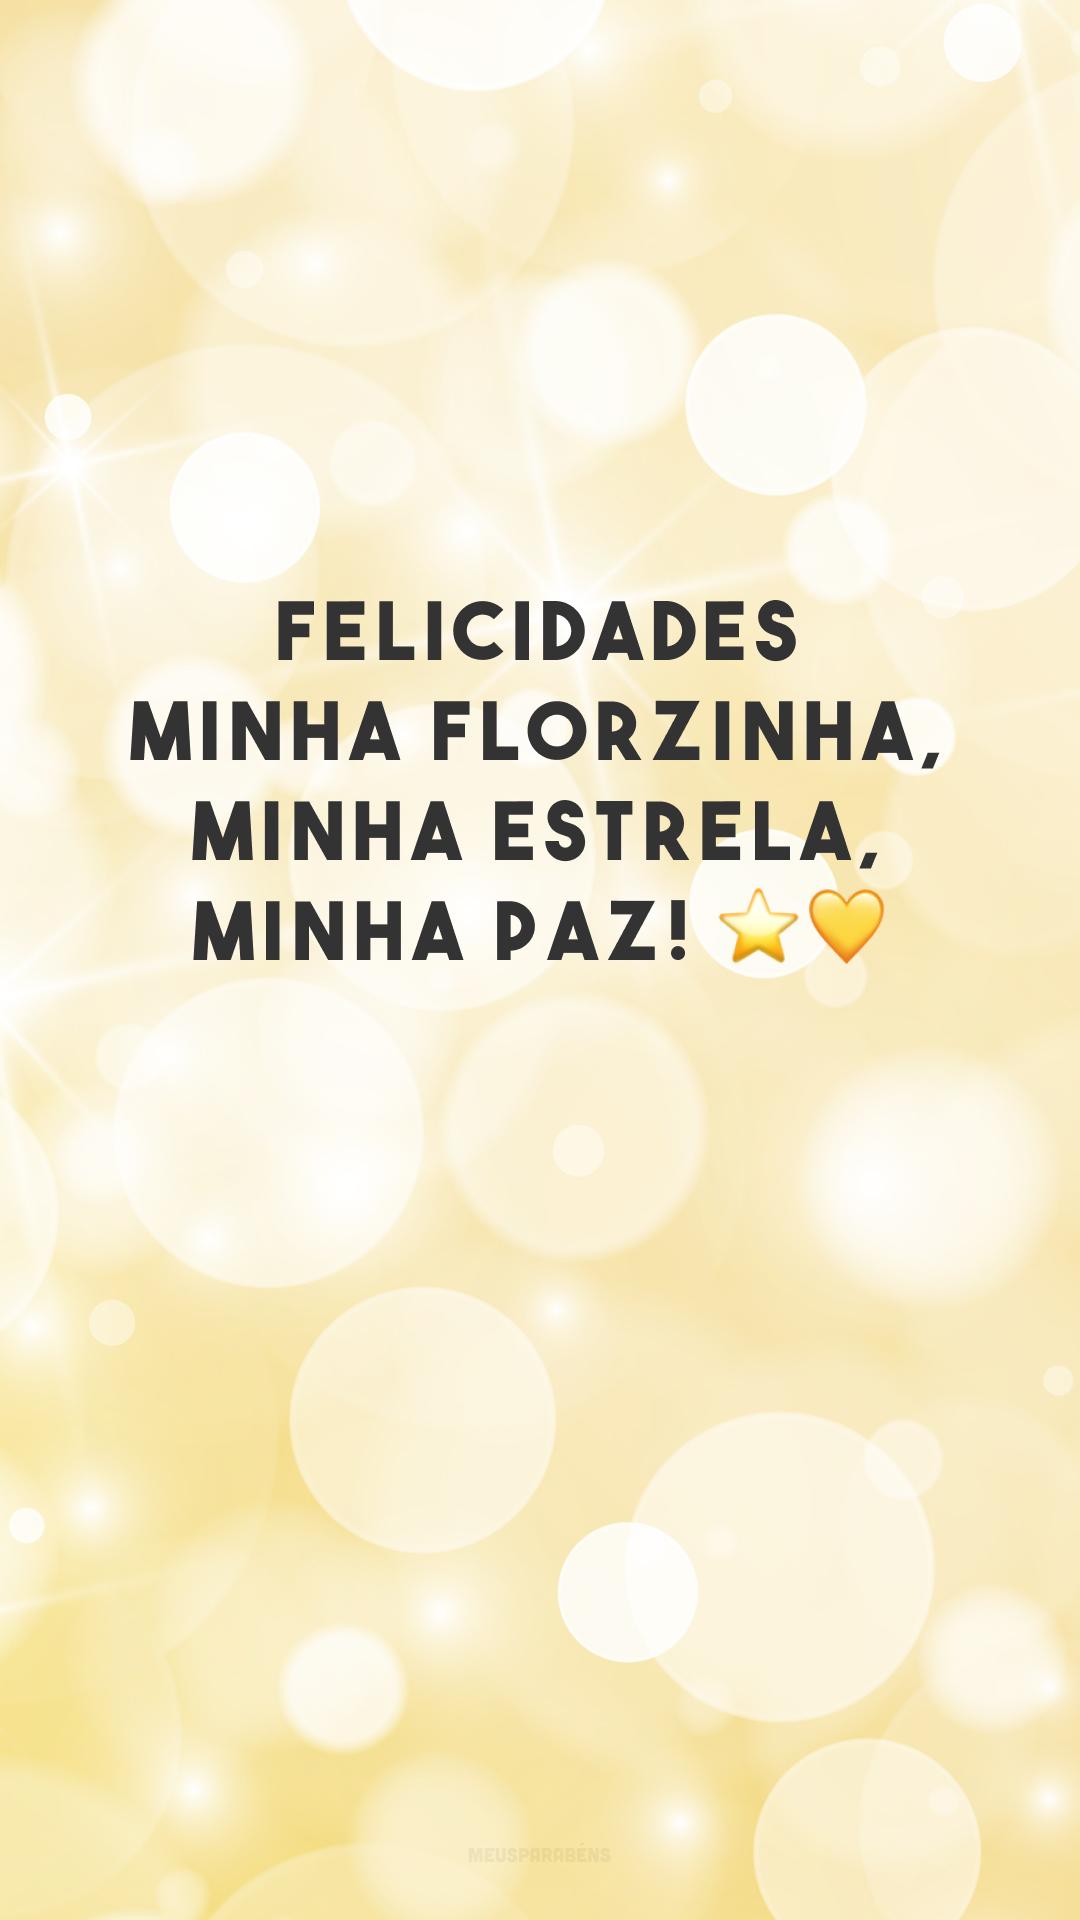 Felicidades minha florzinha, minha estrela, minha paz! ⭐💛